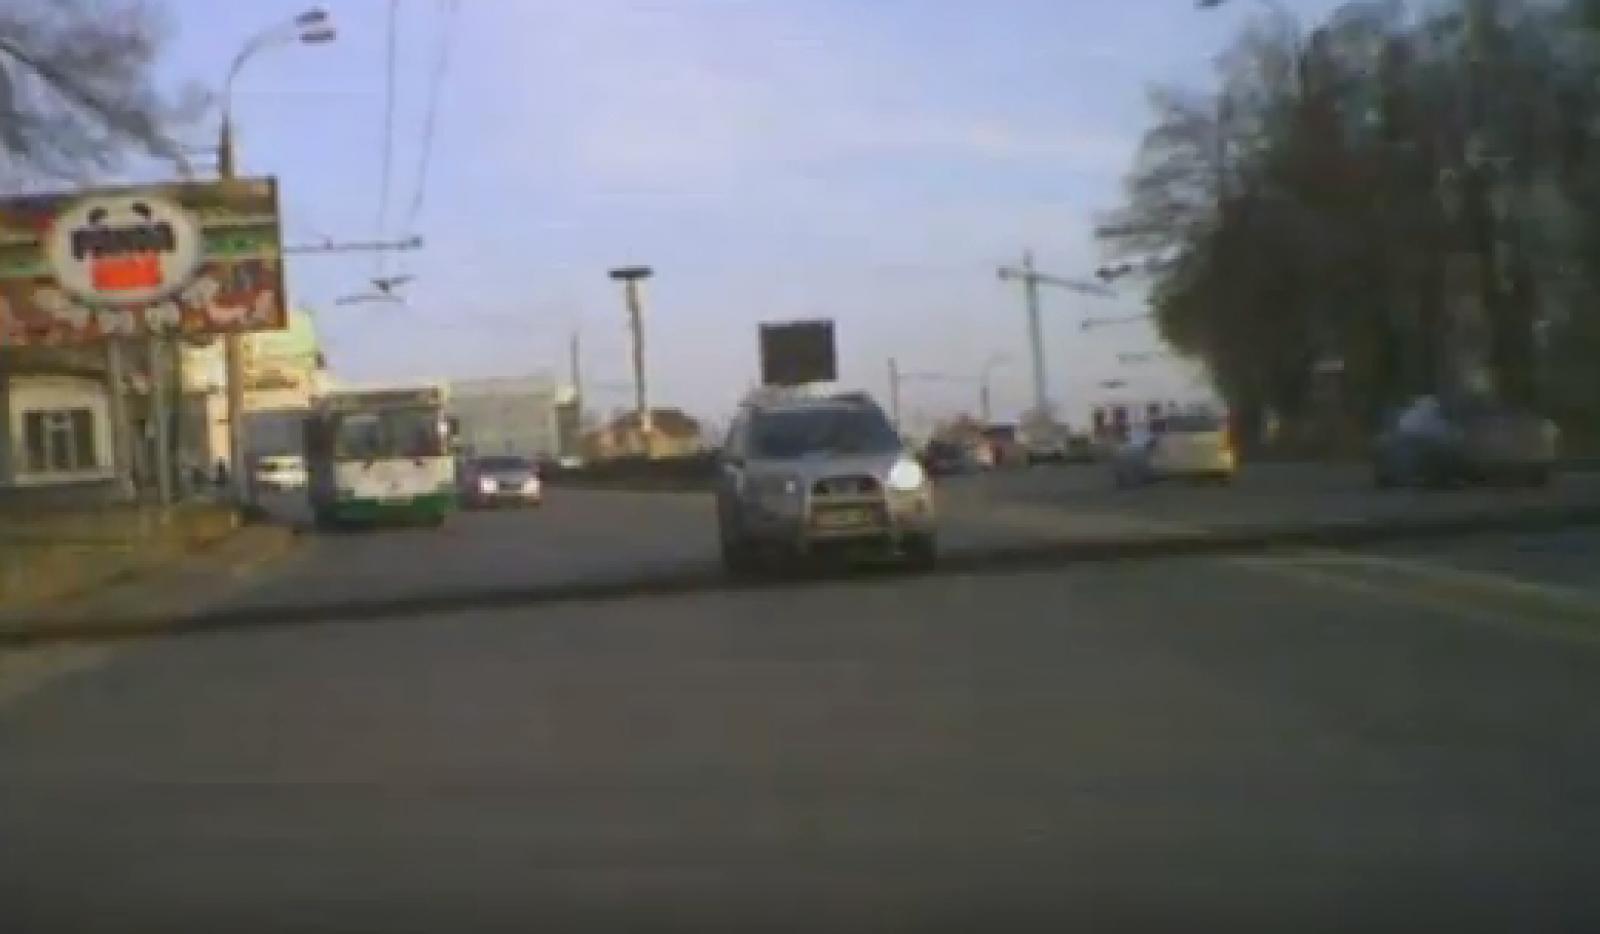 (video) Conduce după propriile reguli. Un șofer a confundat străzile din Chișinău cu raliurile